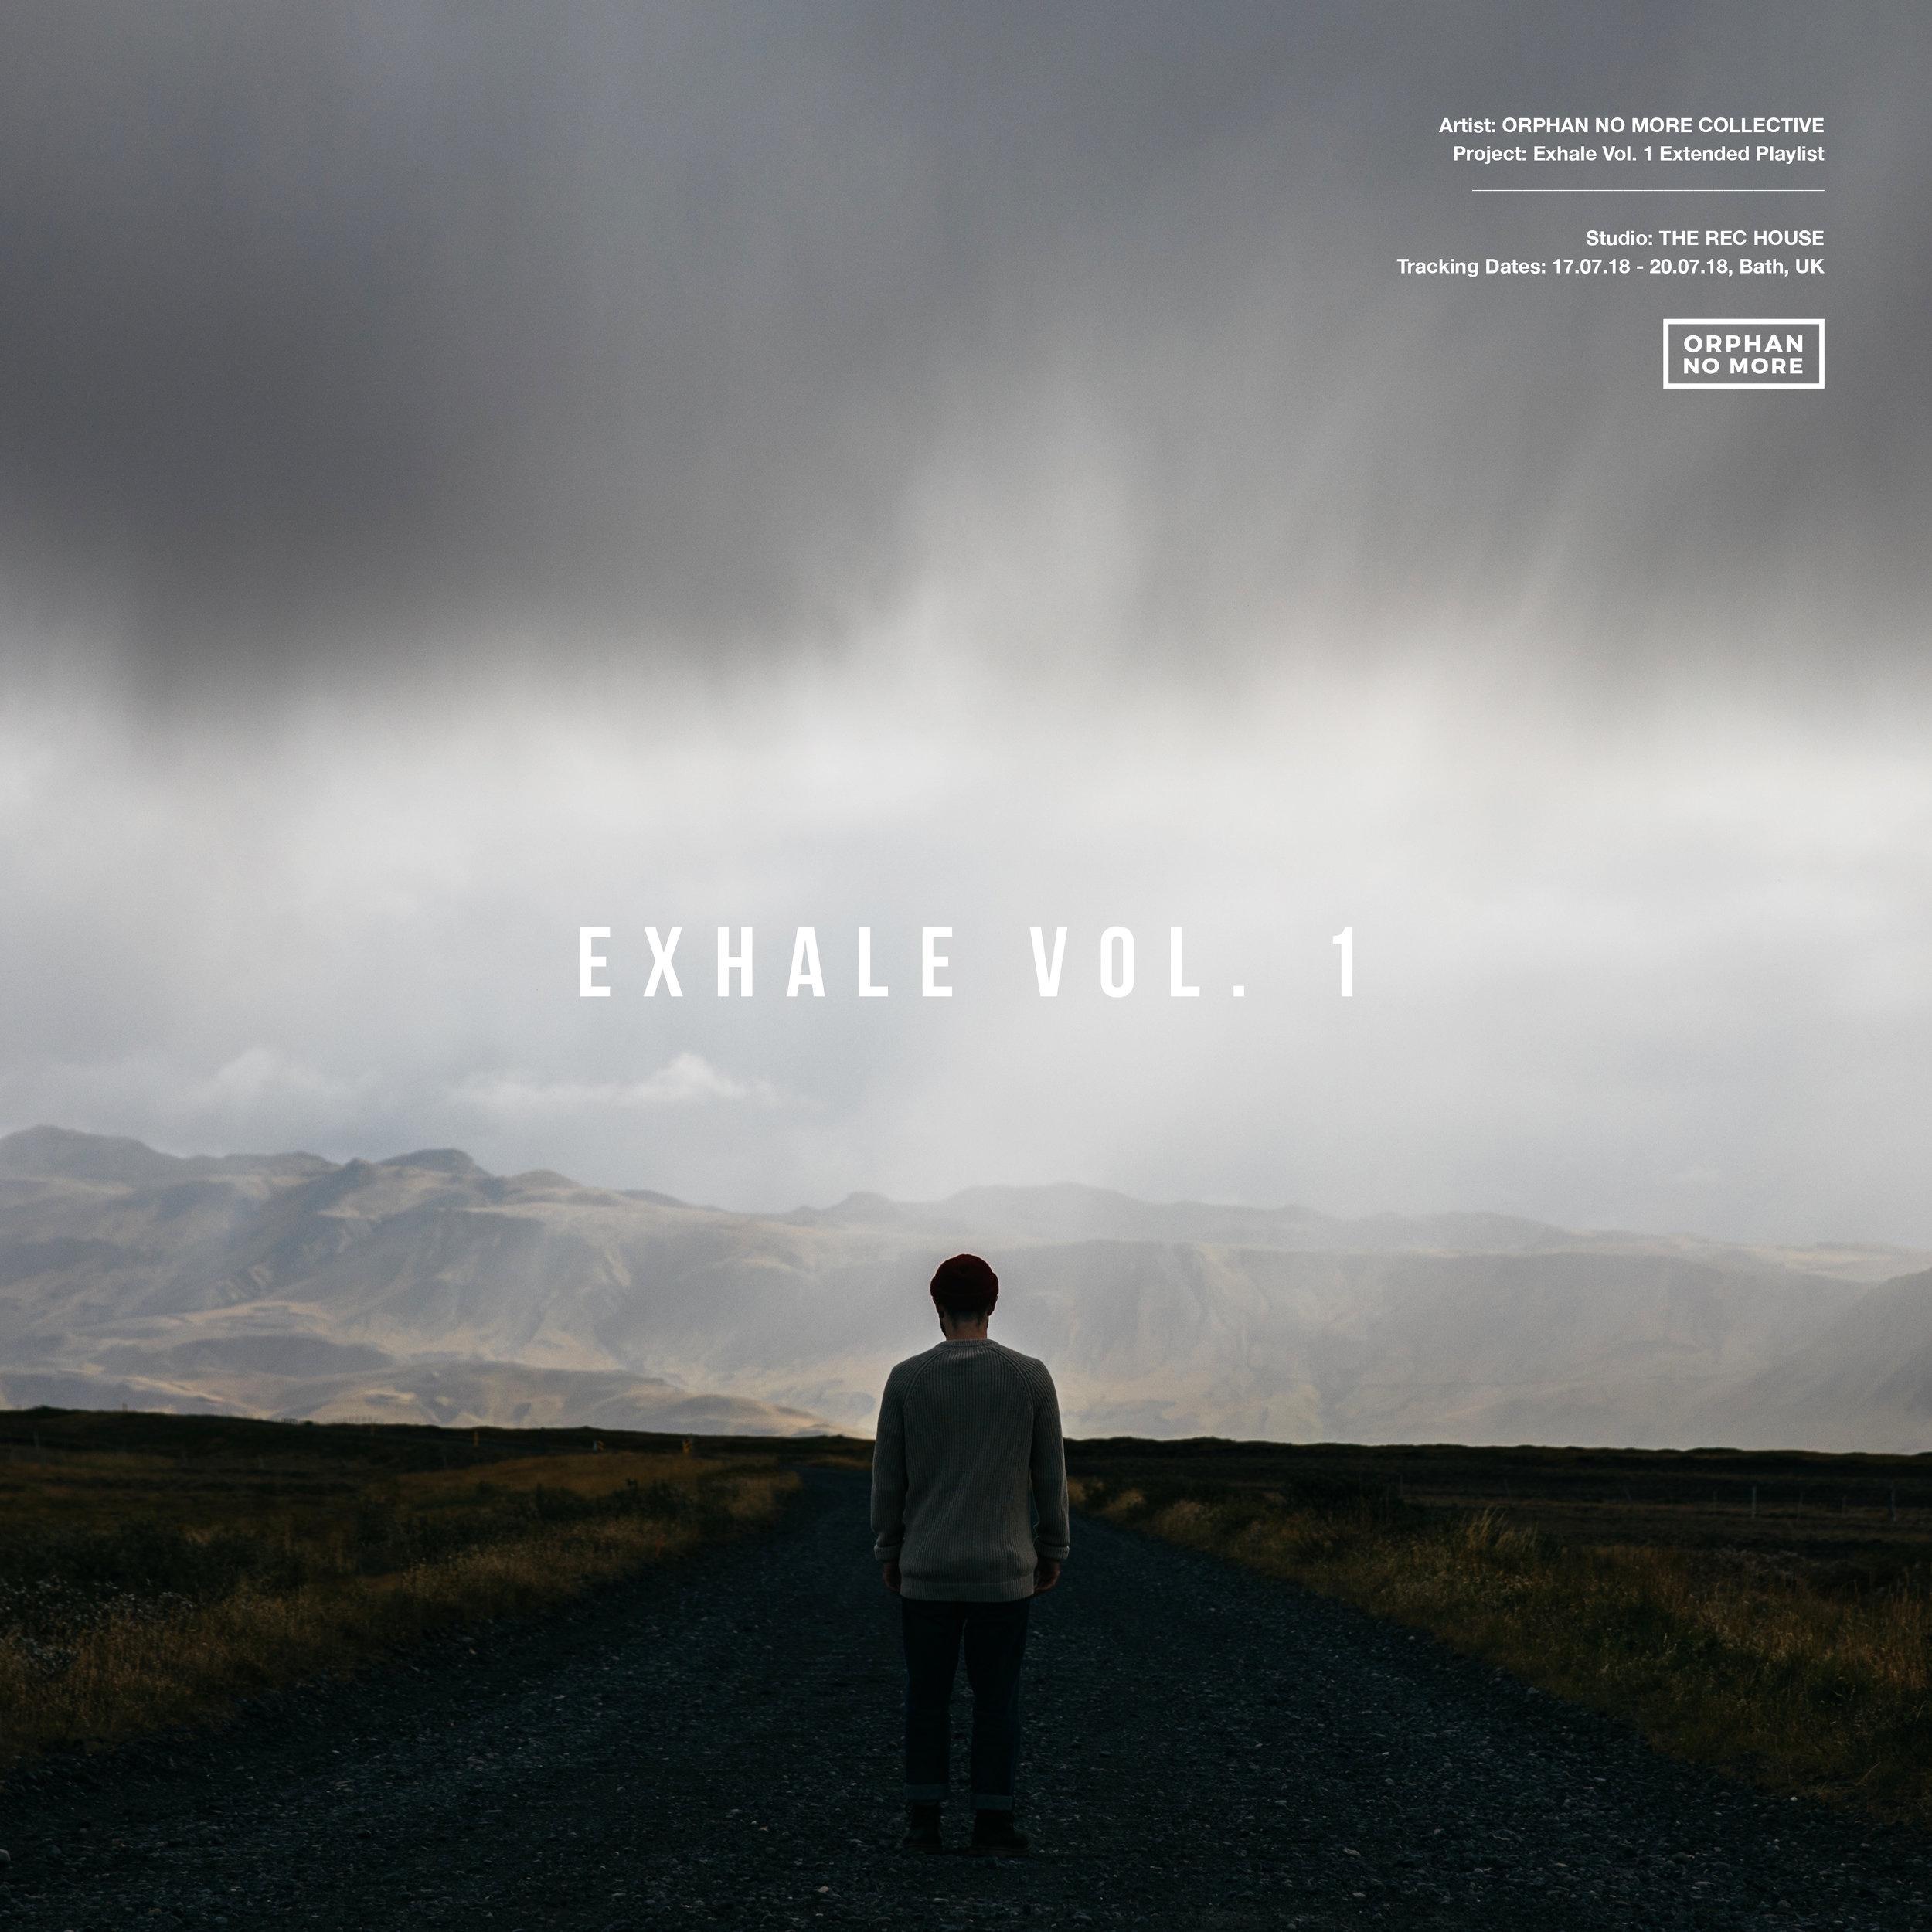 ONMCO - EXHALE VOL. 1